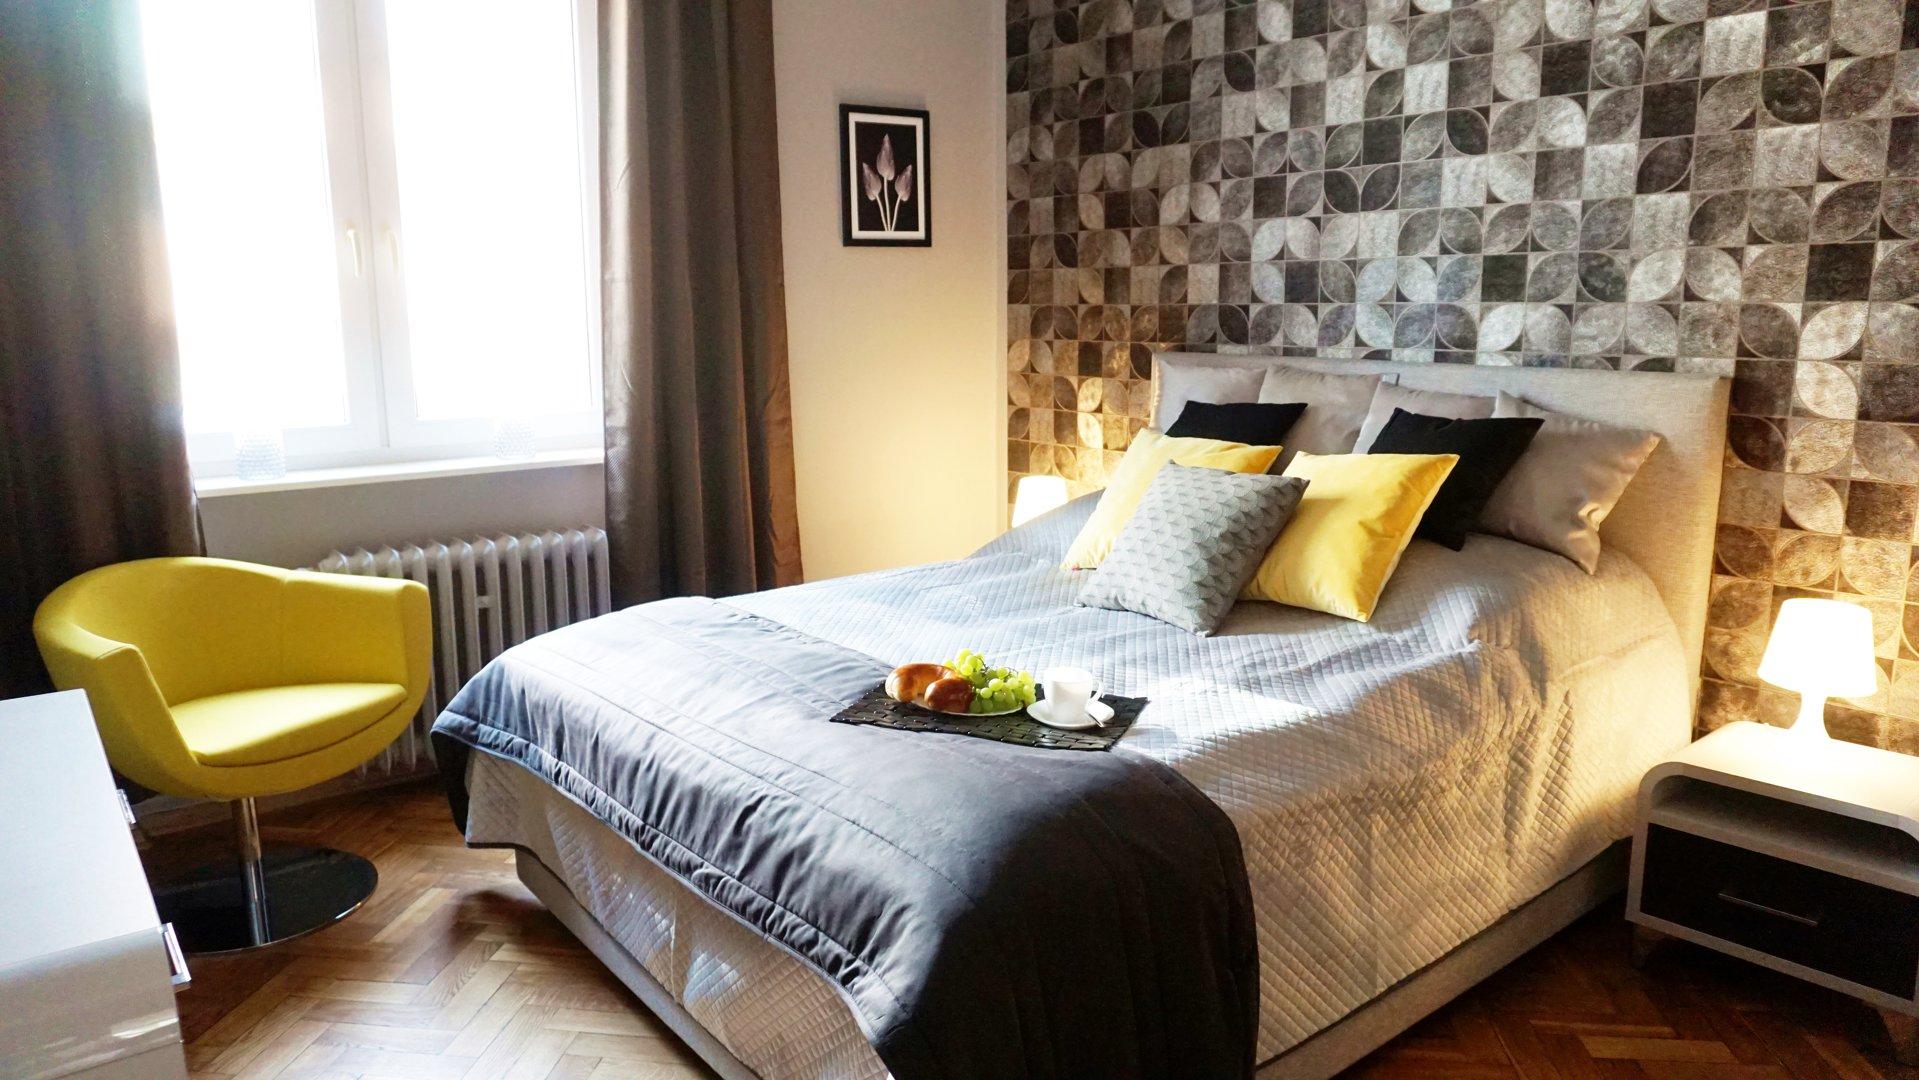 Apartamenty DK w centrum Olsztyna